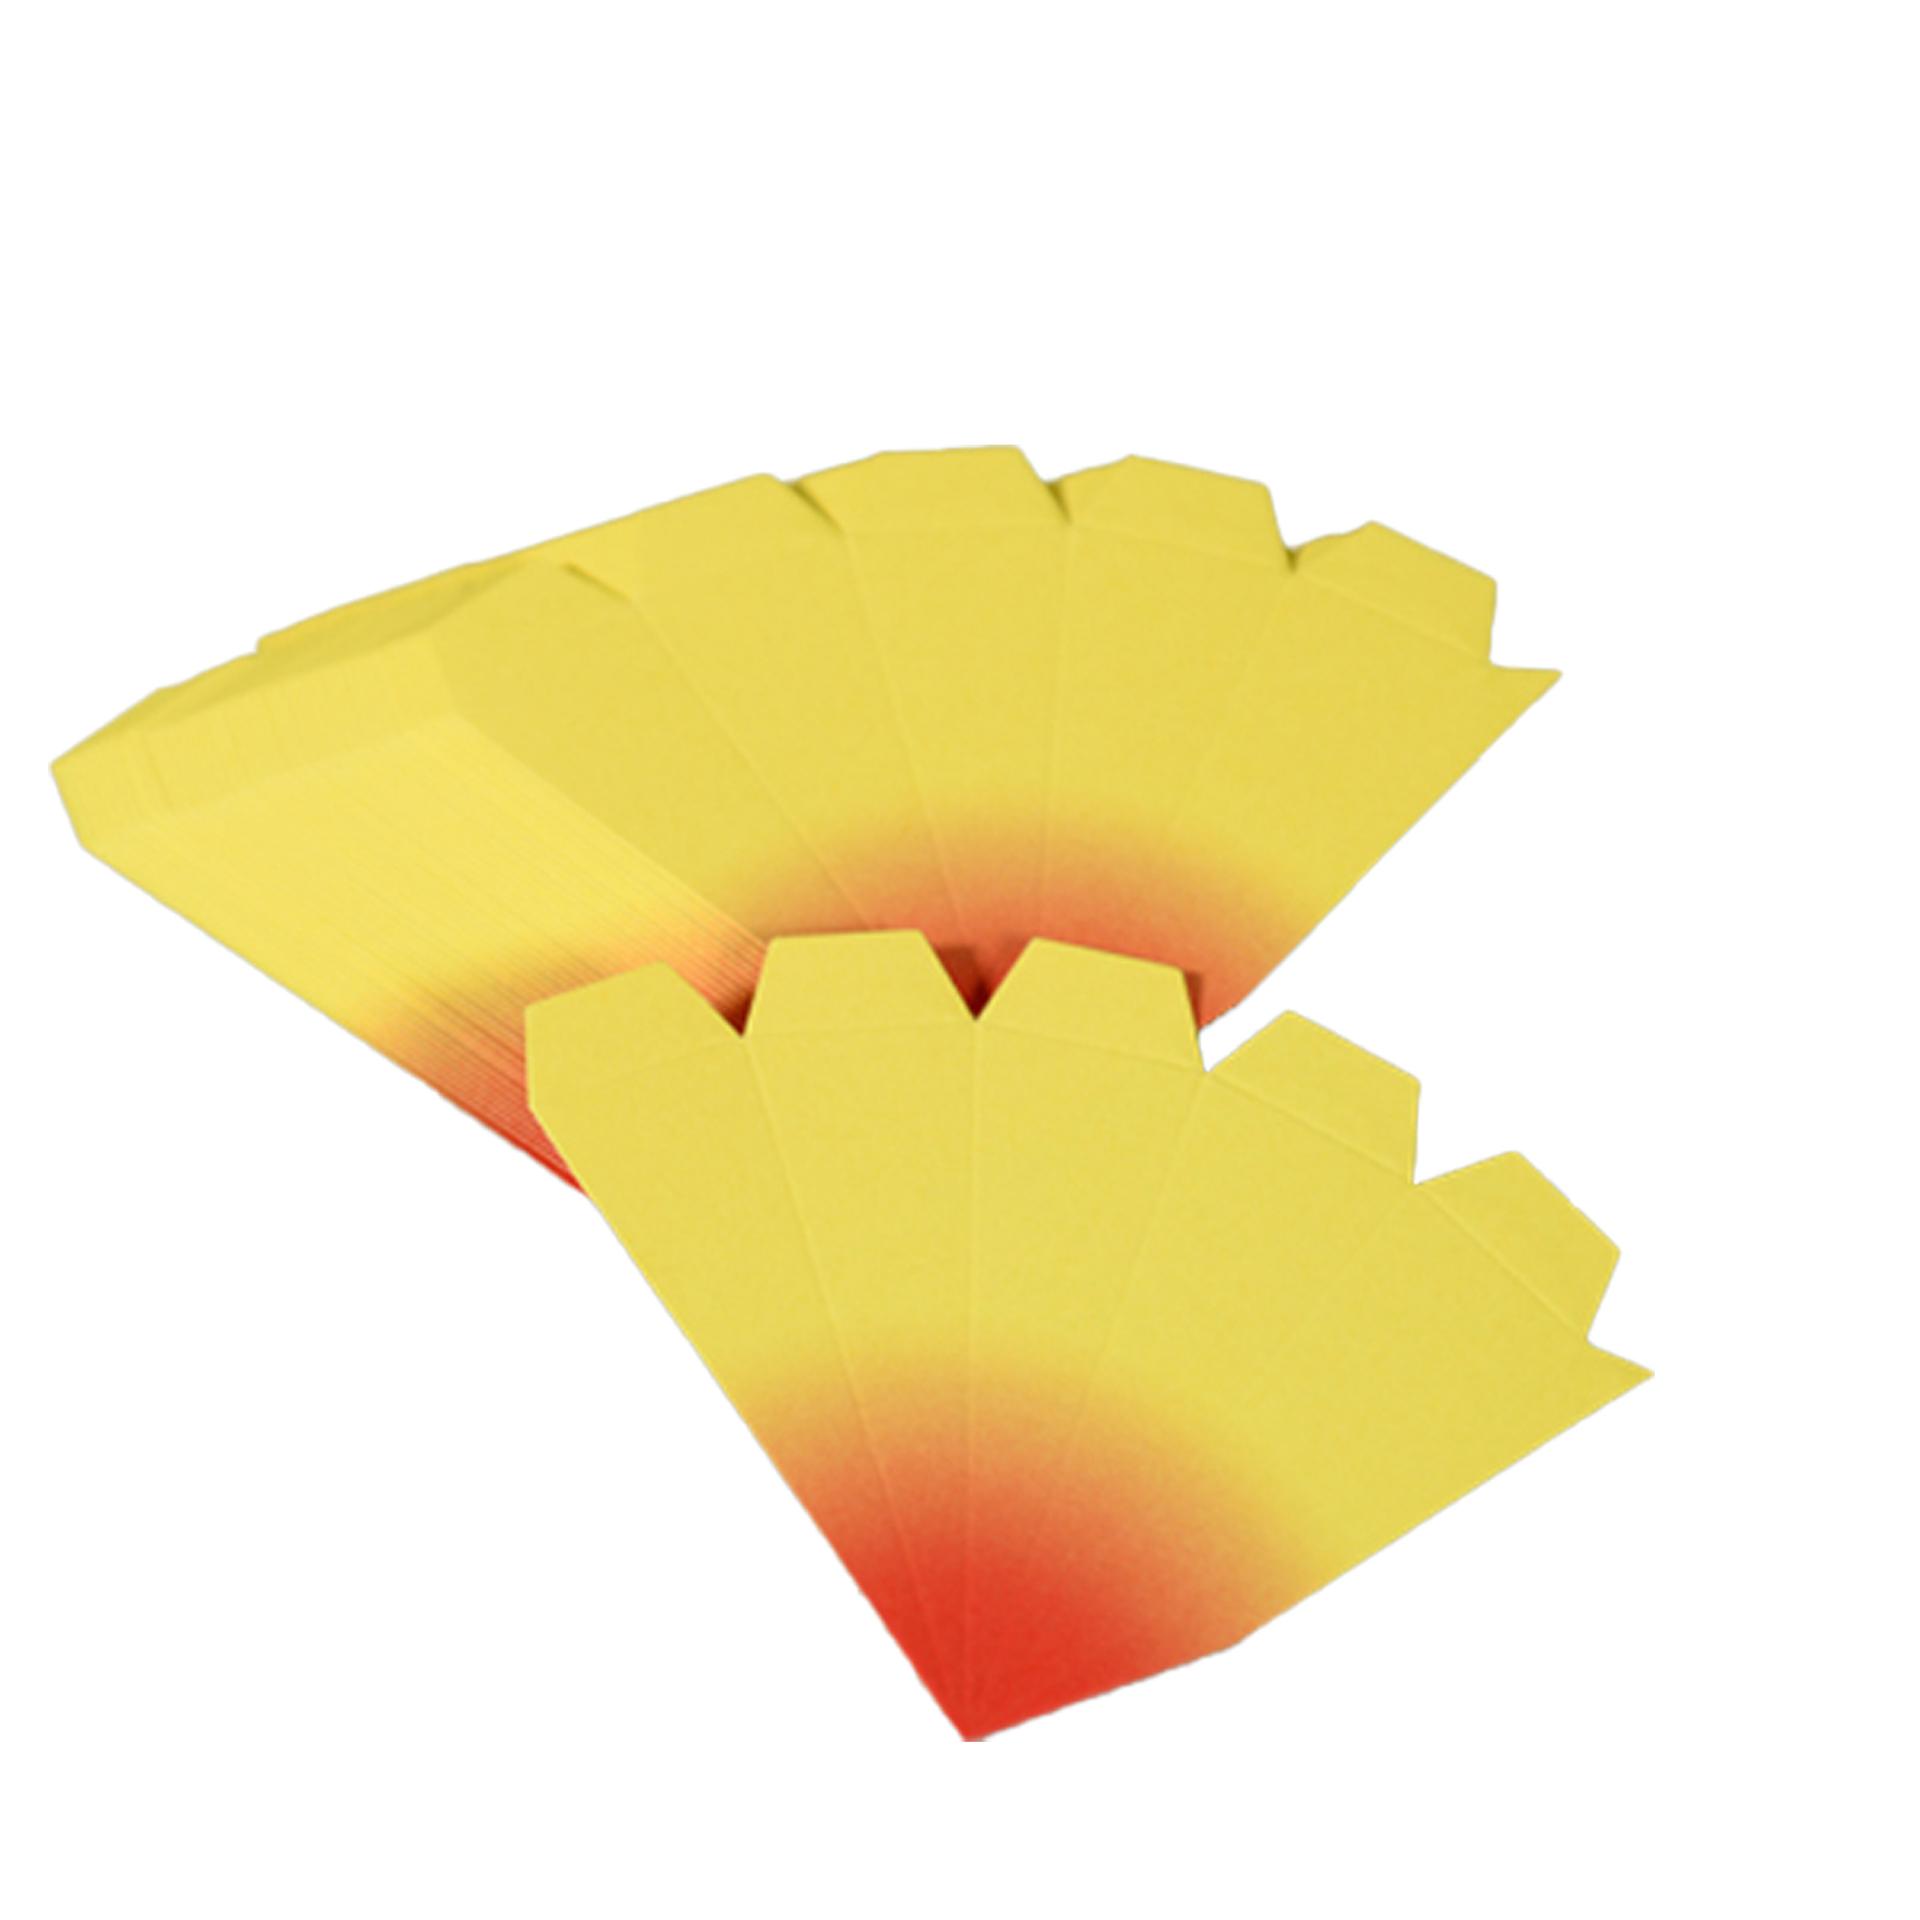 Bausatz für Adventssterne, 3er Set gelb mit roten Spitzen